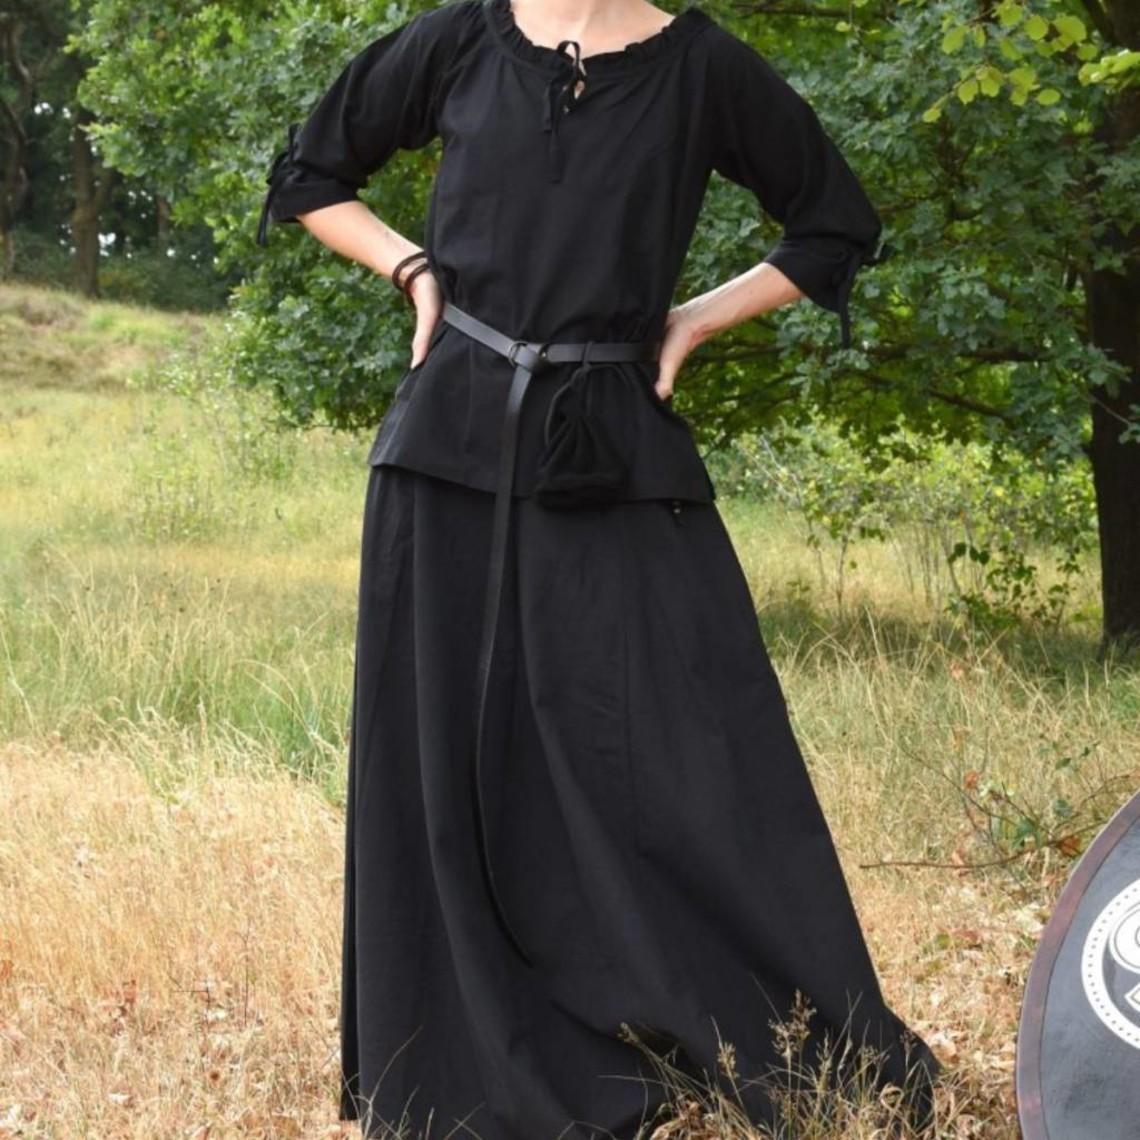 Anne bluzka, czarna